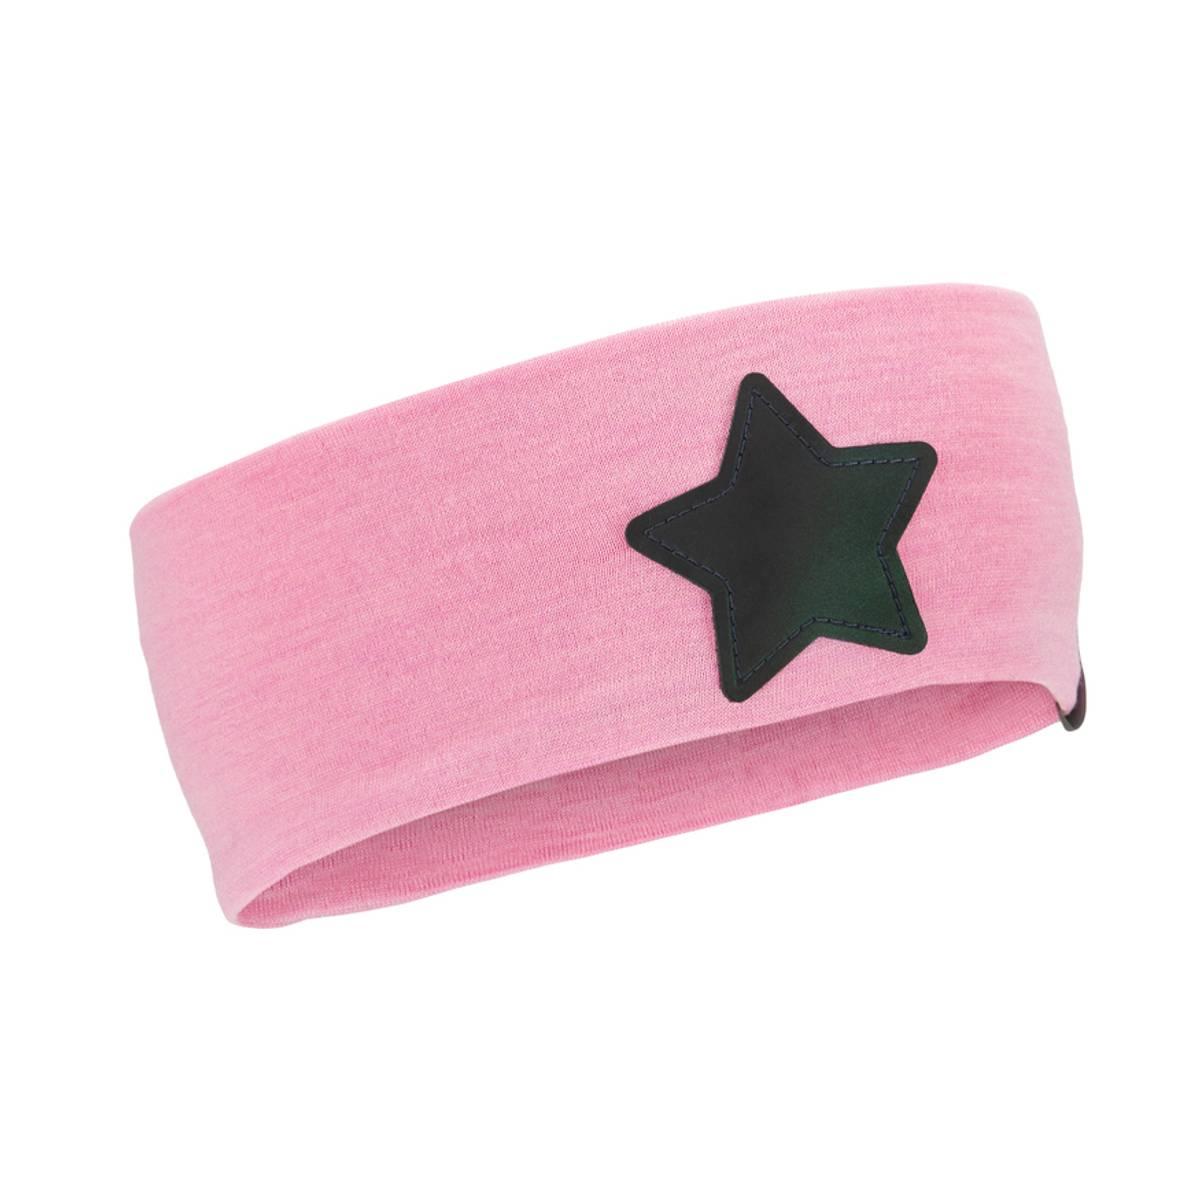 Morild Nordstjerne pannebånd med refleks, lys rosa